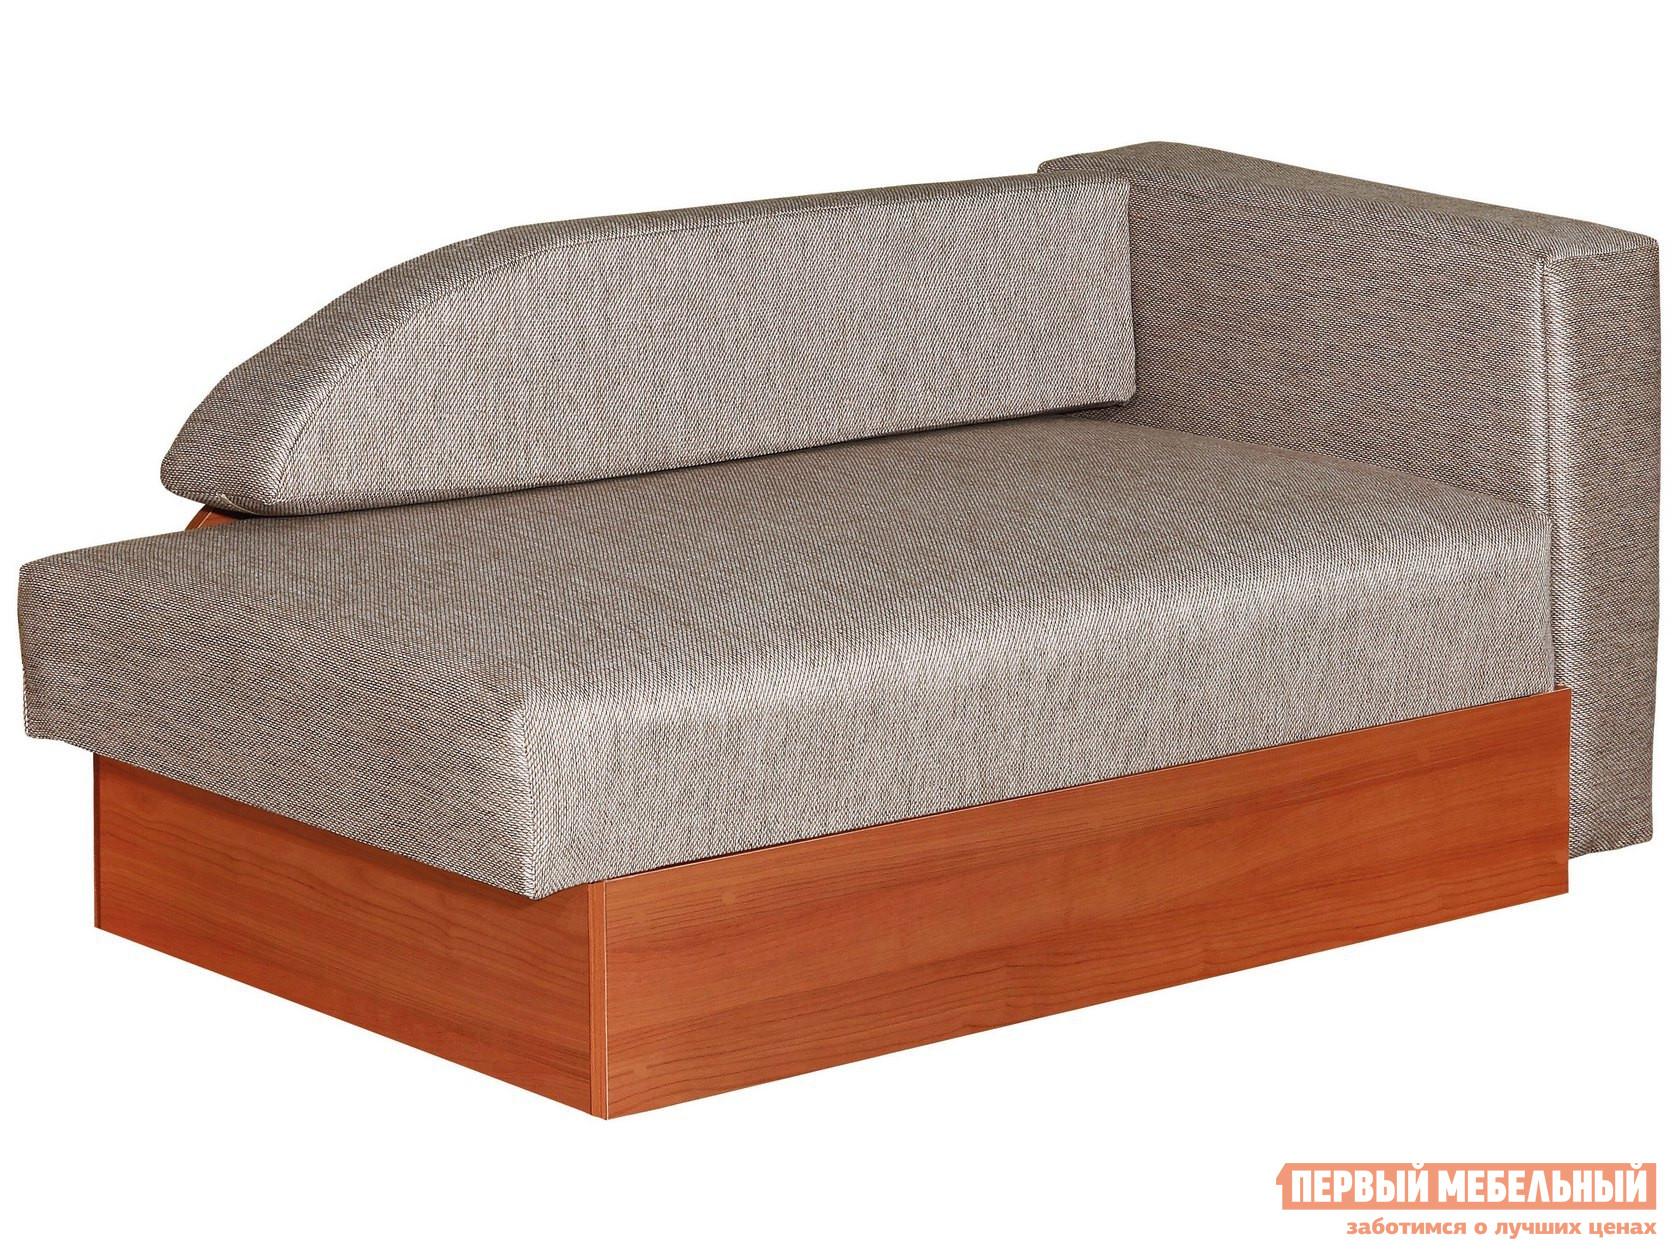 Угловой диван Первый Мебельный Диван Доминго